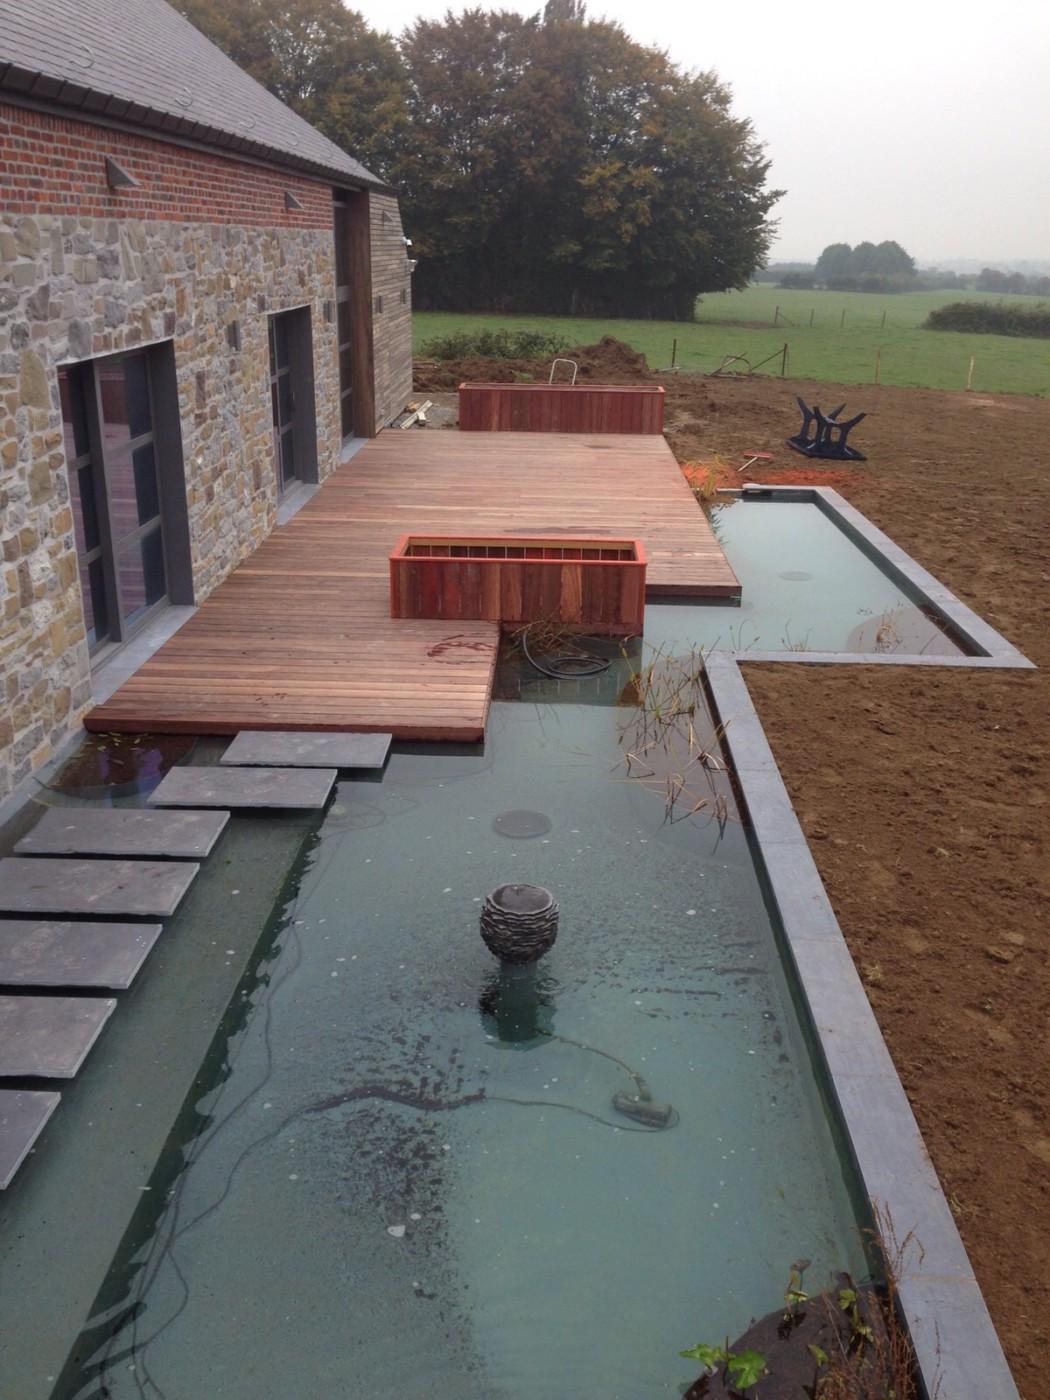 Terrasse sur mesure et moderne lasne au bord d 39 une piece d 39 eau bac a fleur sur mesure pierre for Terrasse moderne contemporain